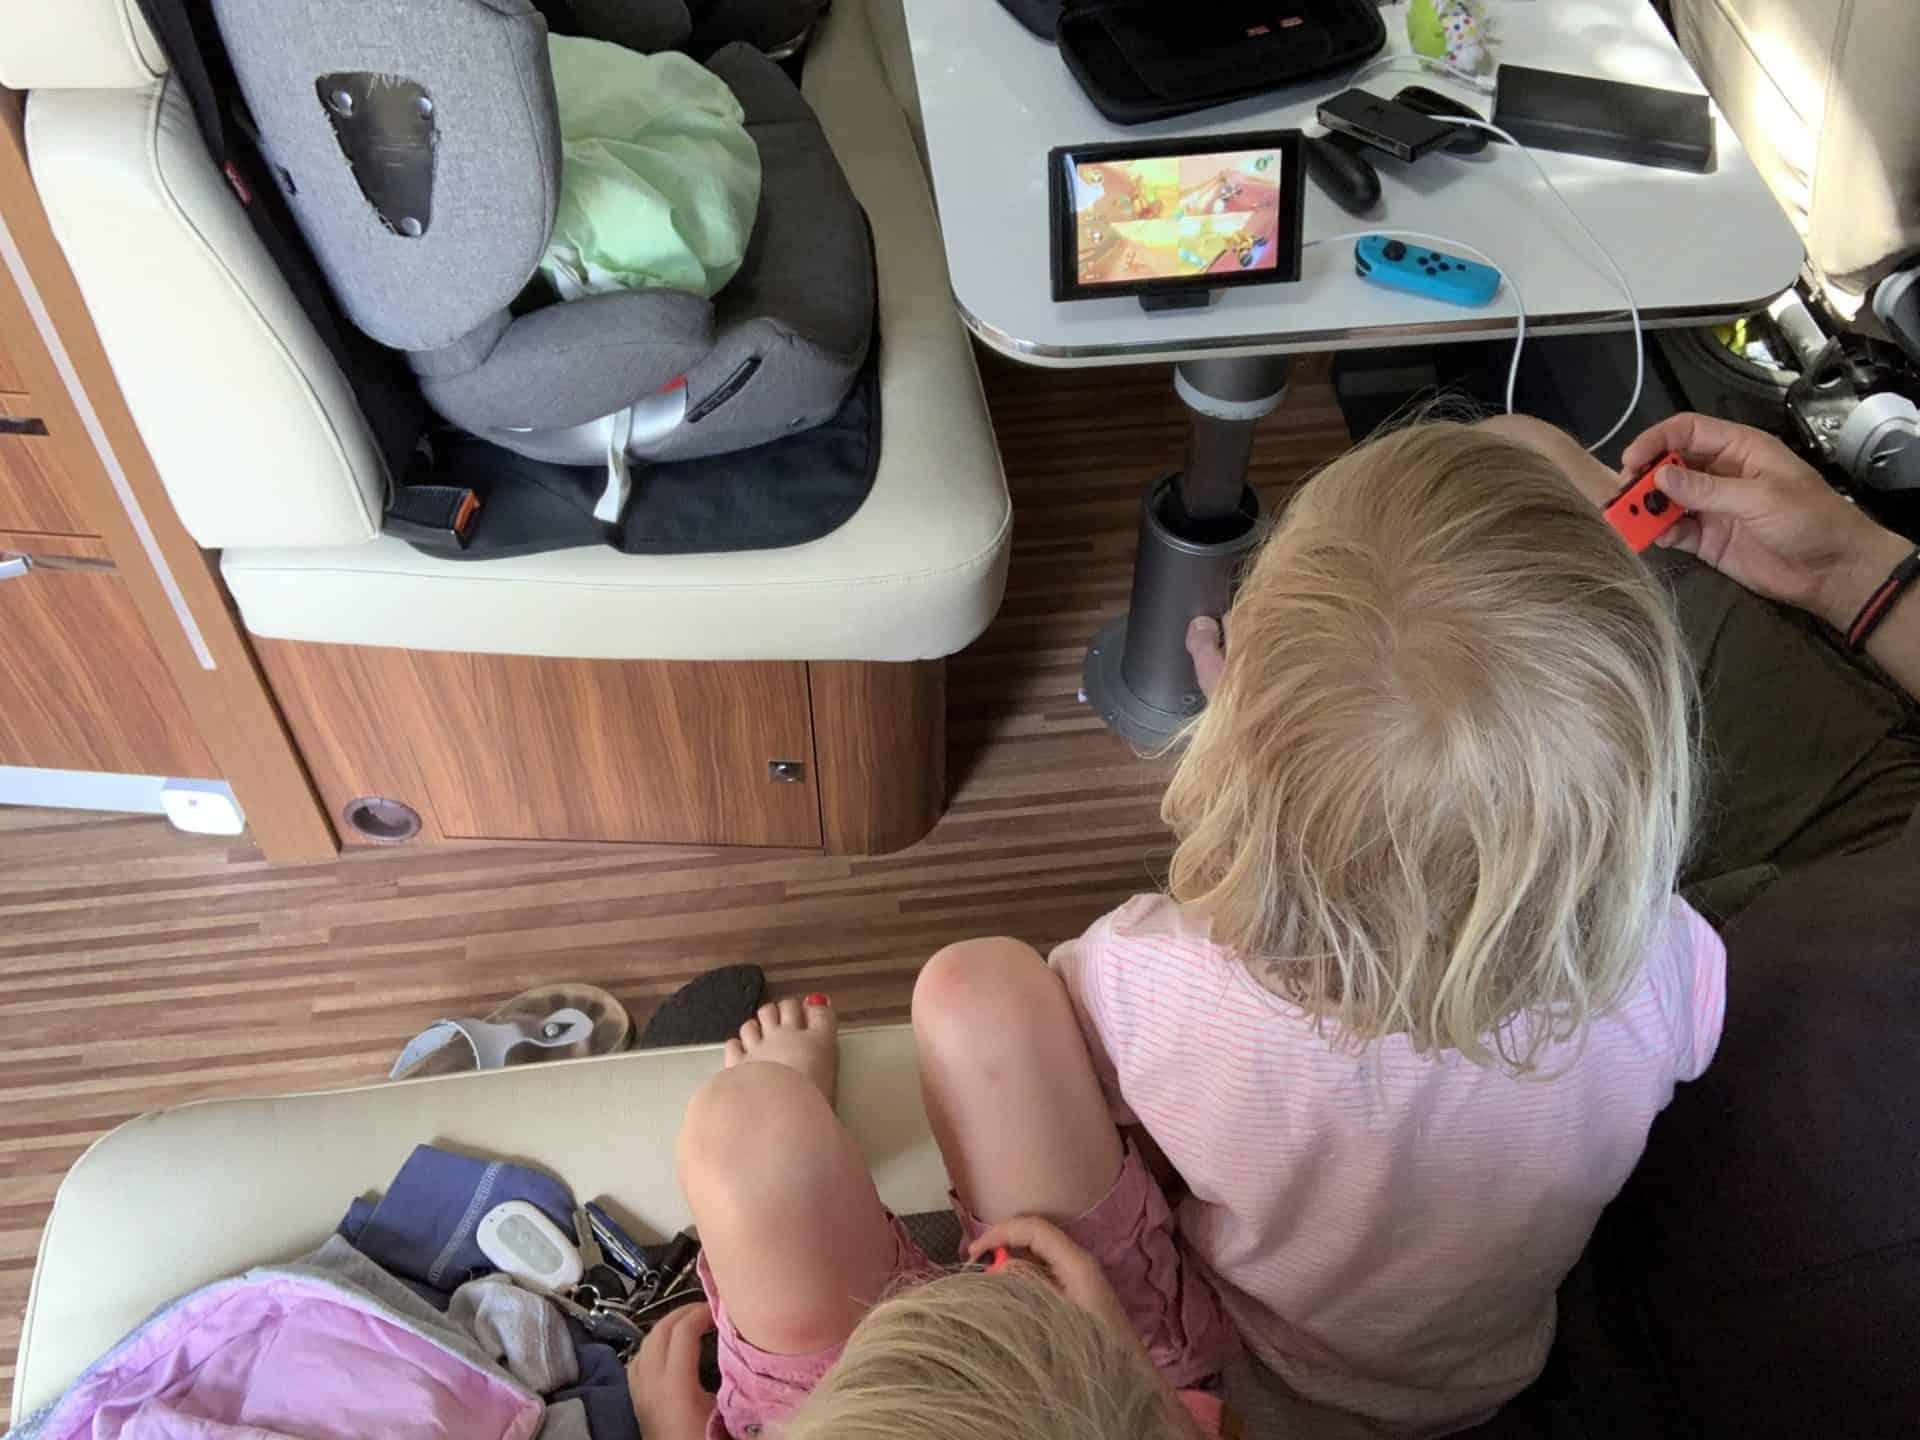 Familie_Nintendo_Switch_Wohnmobil